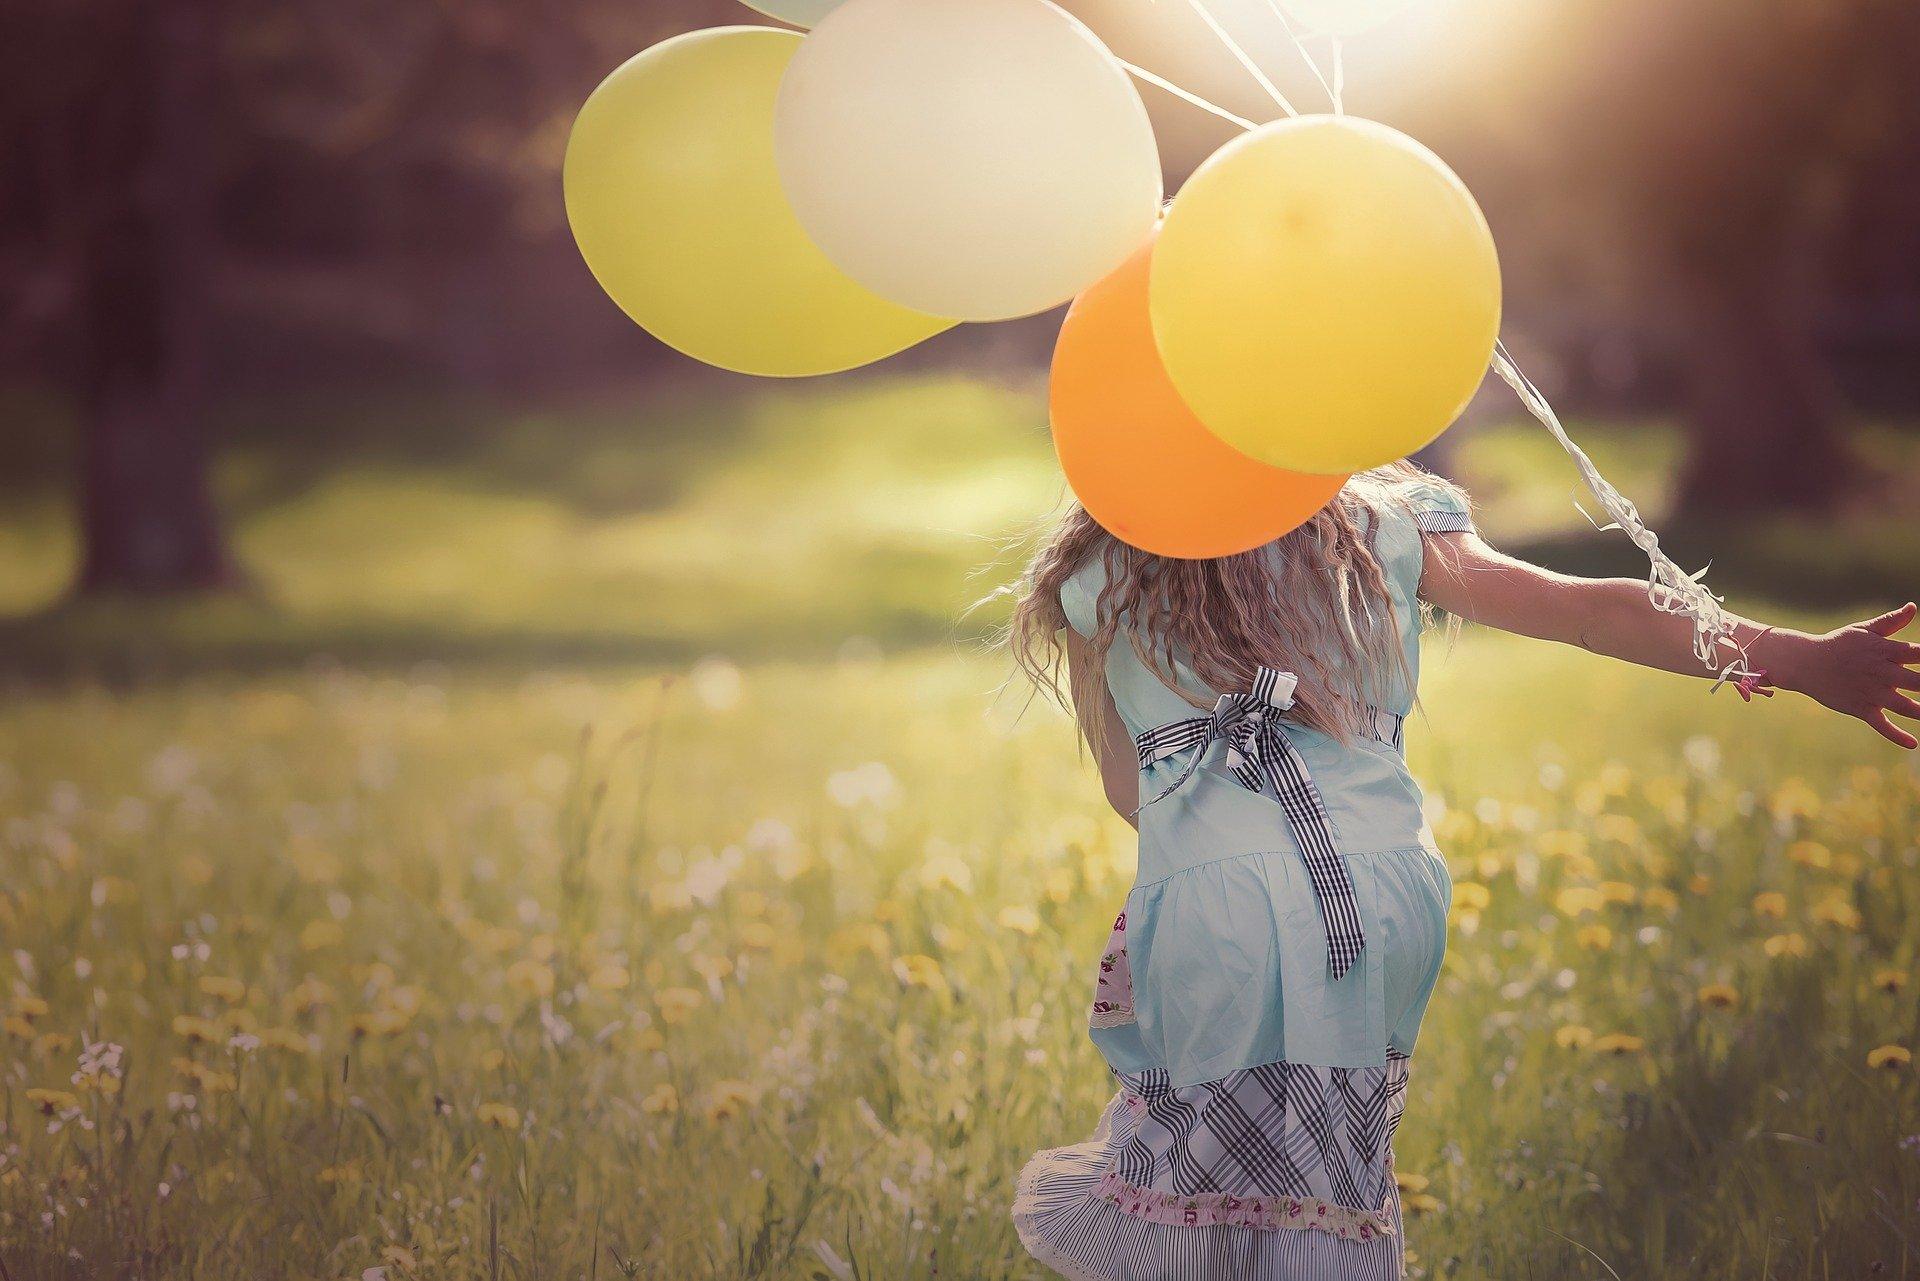 風船を持って自由に遊ぶ女の子